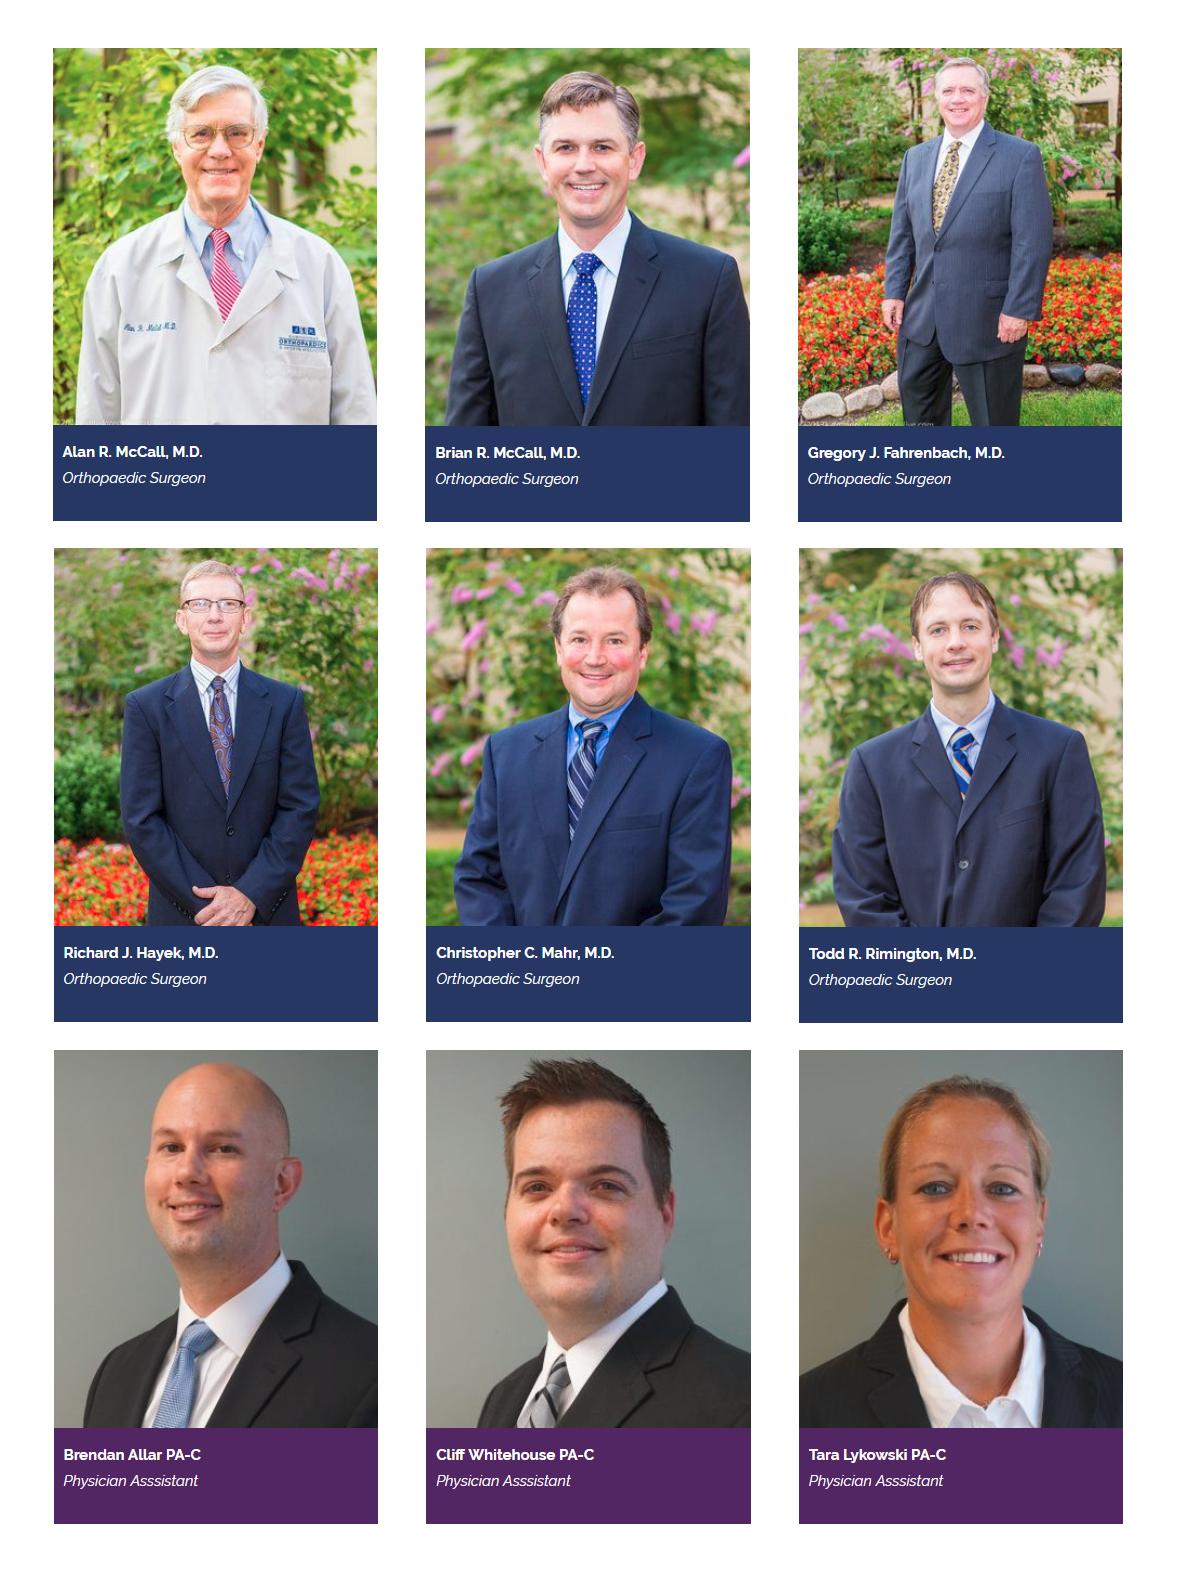 Northwest Orthopaedics & Sports Medicine image 1